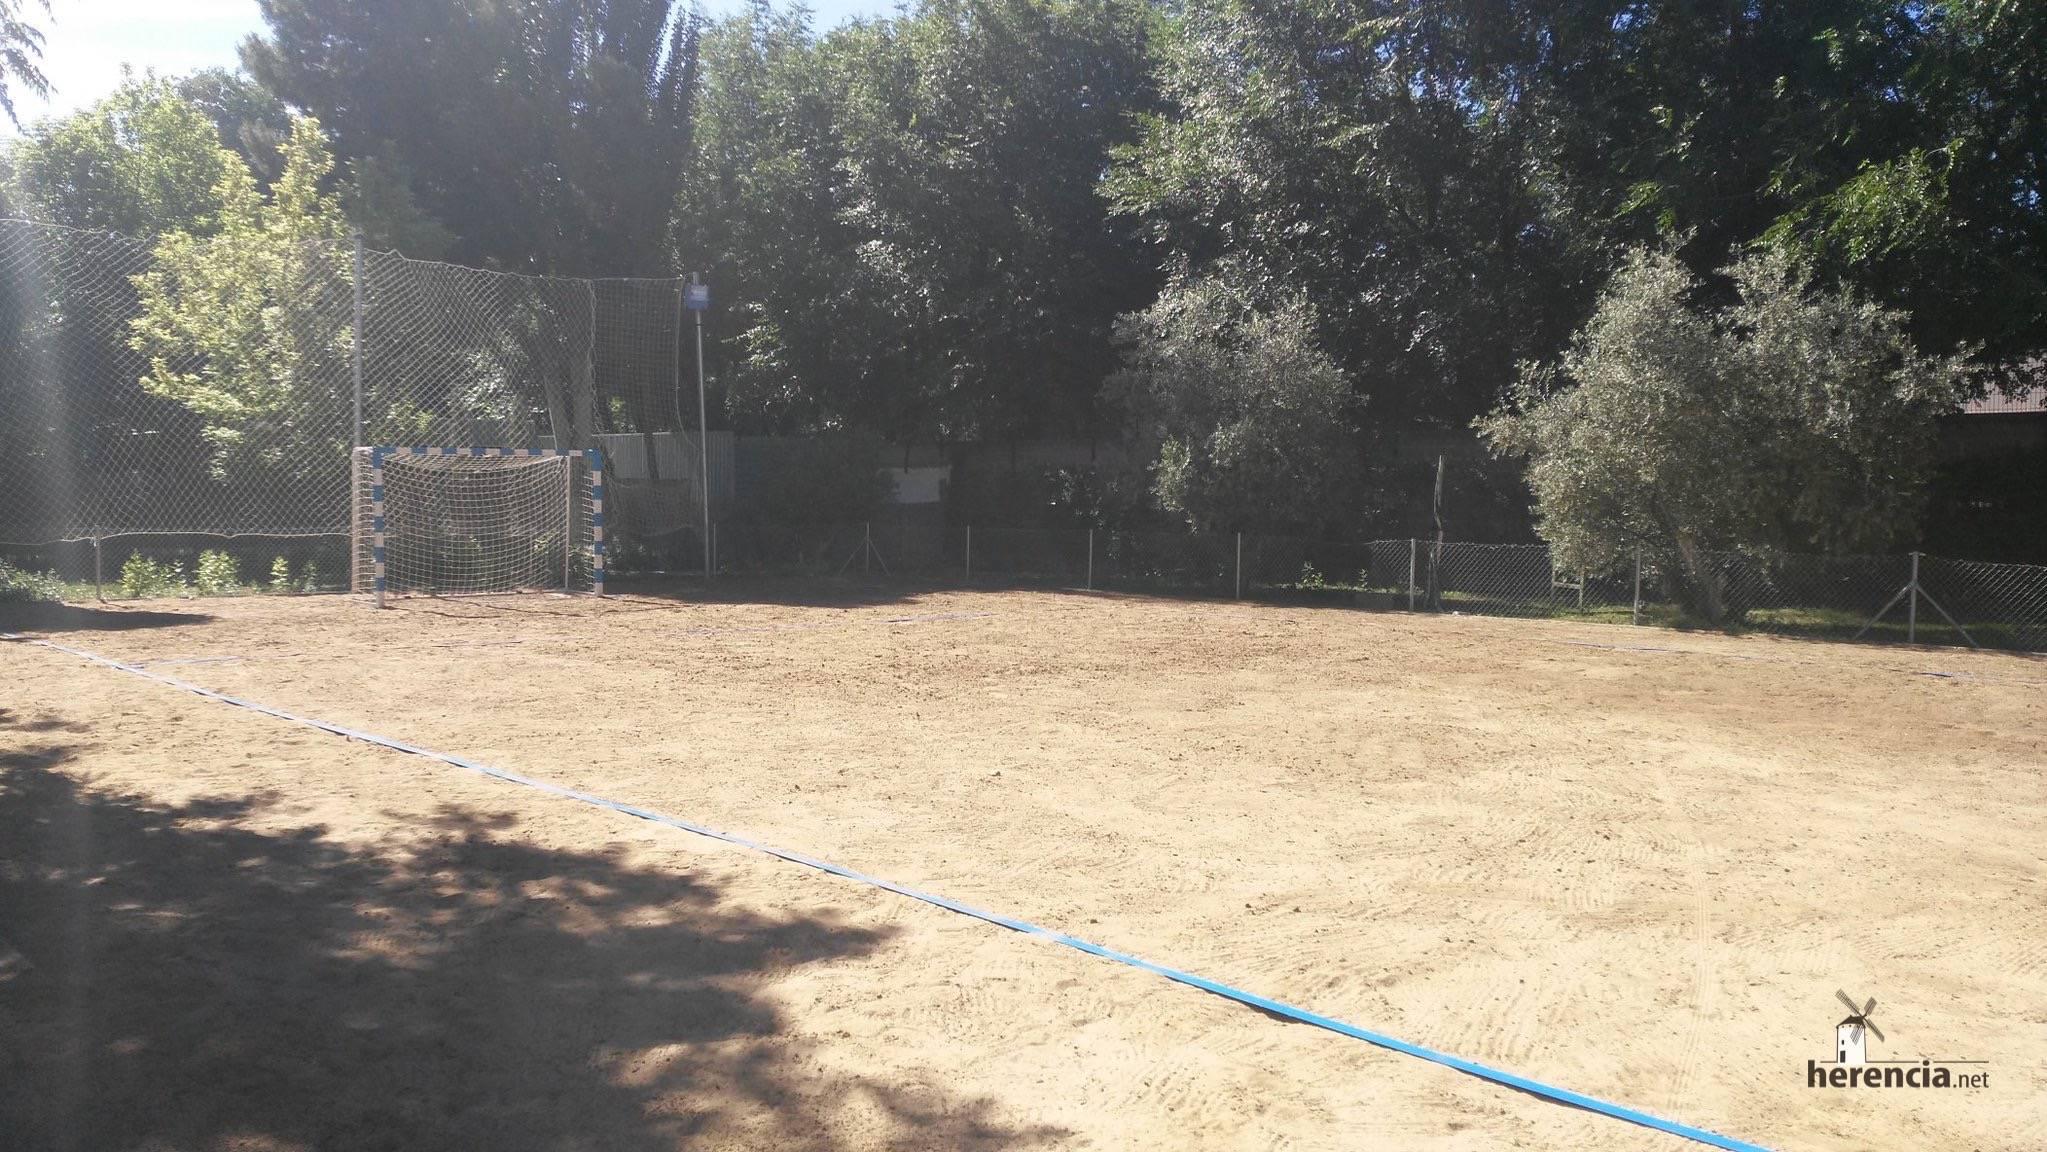 piscina municial preparada para 2016 en Herencia 1 - Piscina Municipal llena y pista de balonmano playa lista